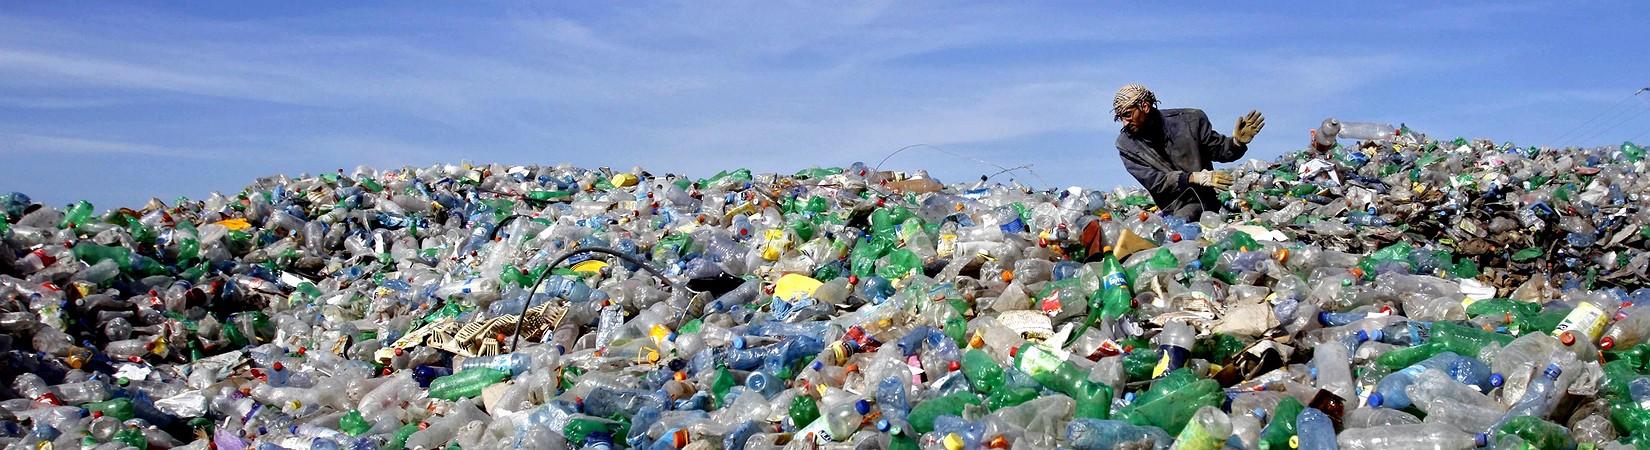 Mundo produziu montanha de plástico do tamanho do Everest desde 1950